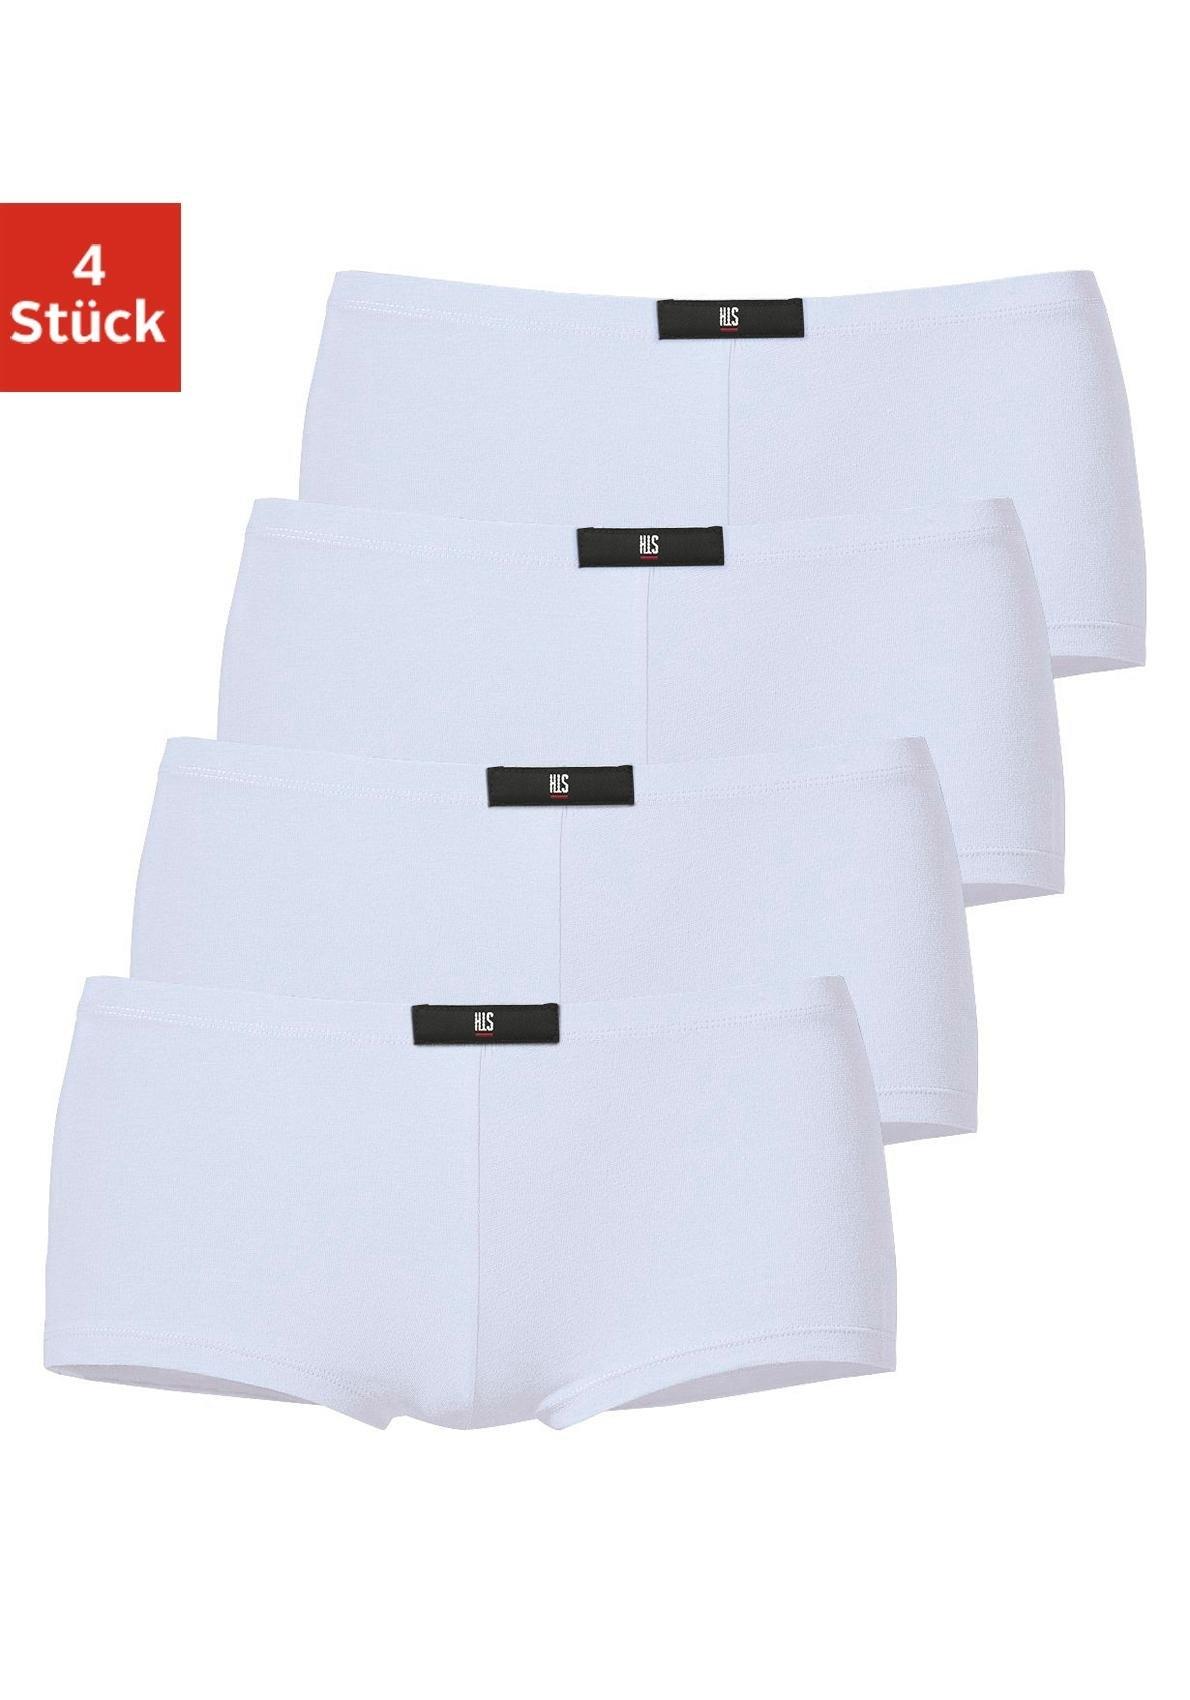 H.I.S Pants, set van 4 bij Lascana online kopen